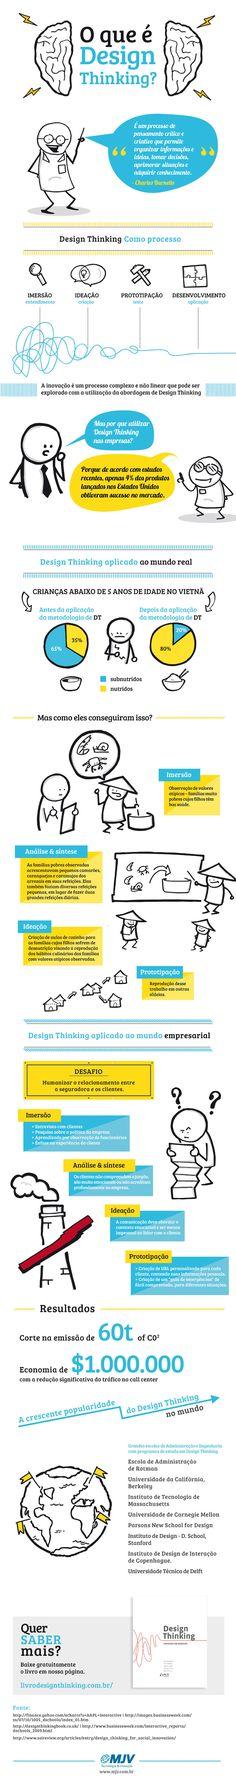 Infográfico mostra os processos e as abordagens de como aplicar os conceitos no nosso dia a dia.